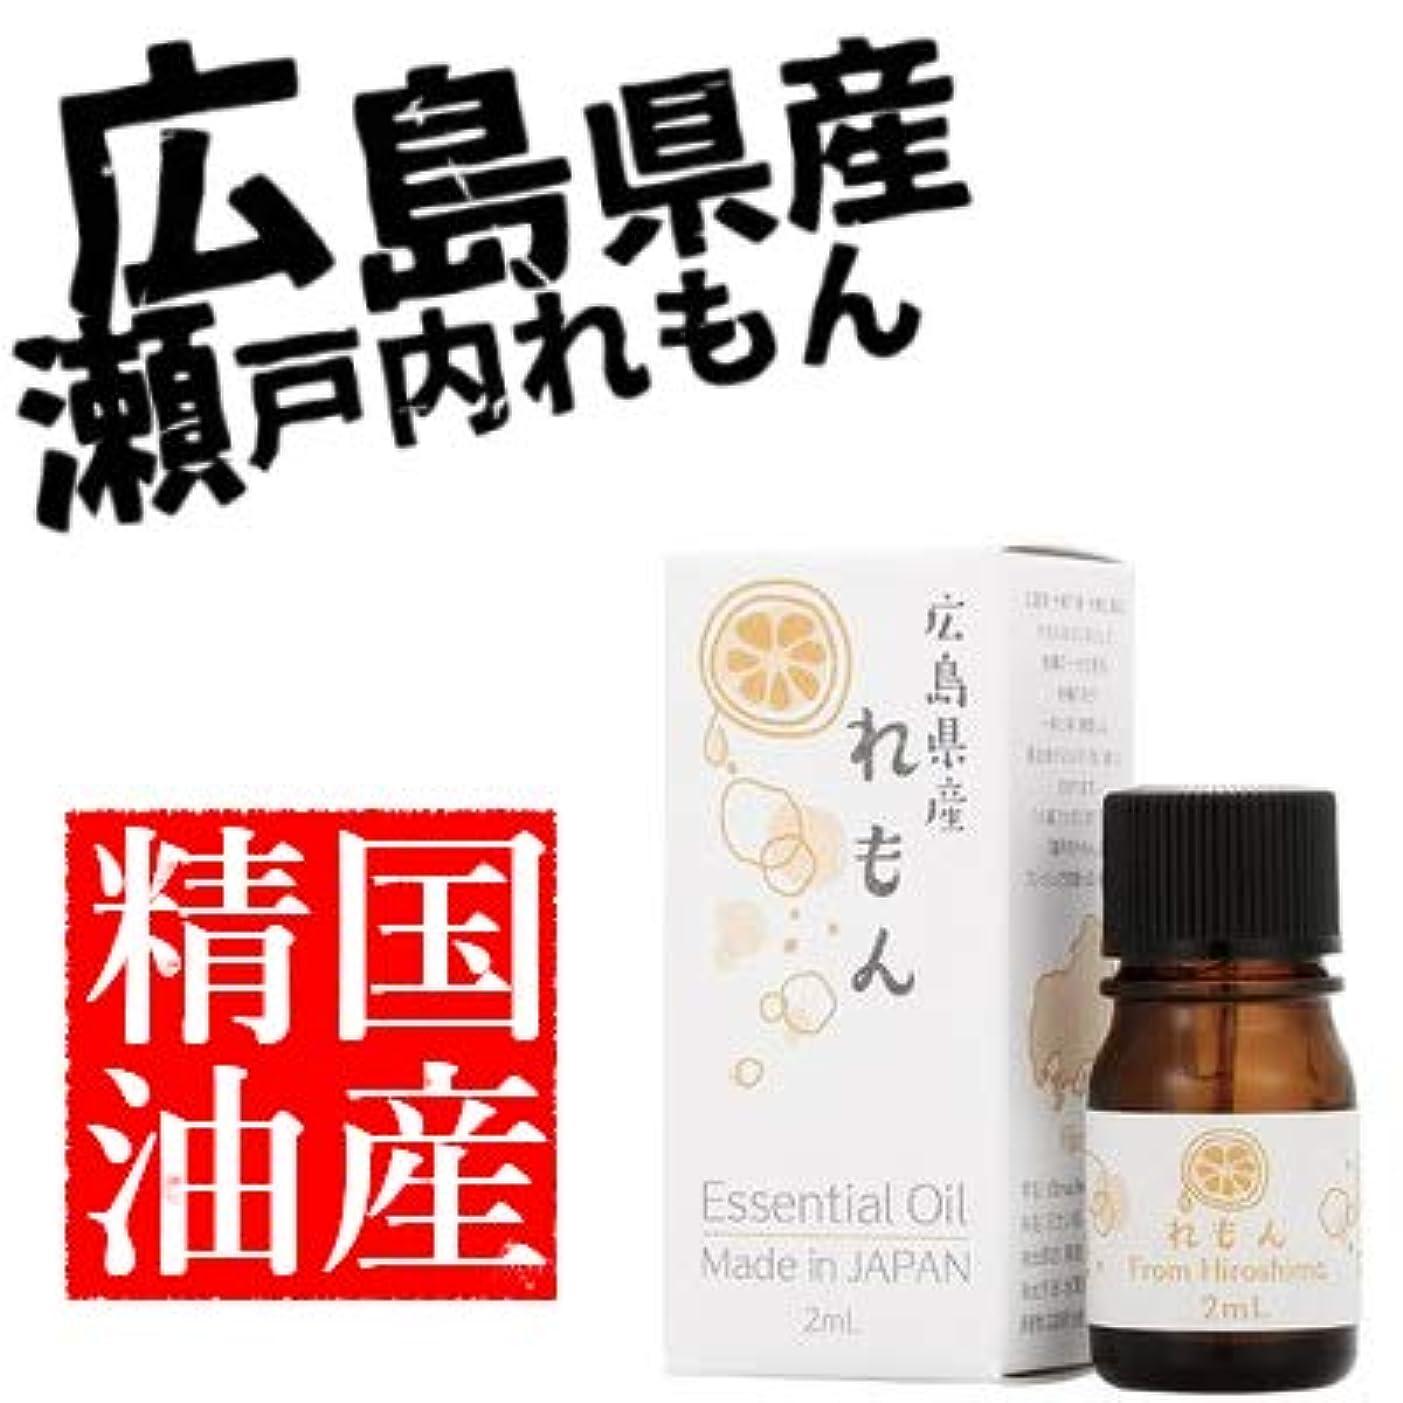 日本の香りシリーズ エッセンシャルオイル 国産精油 (れもん)